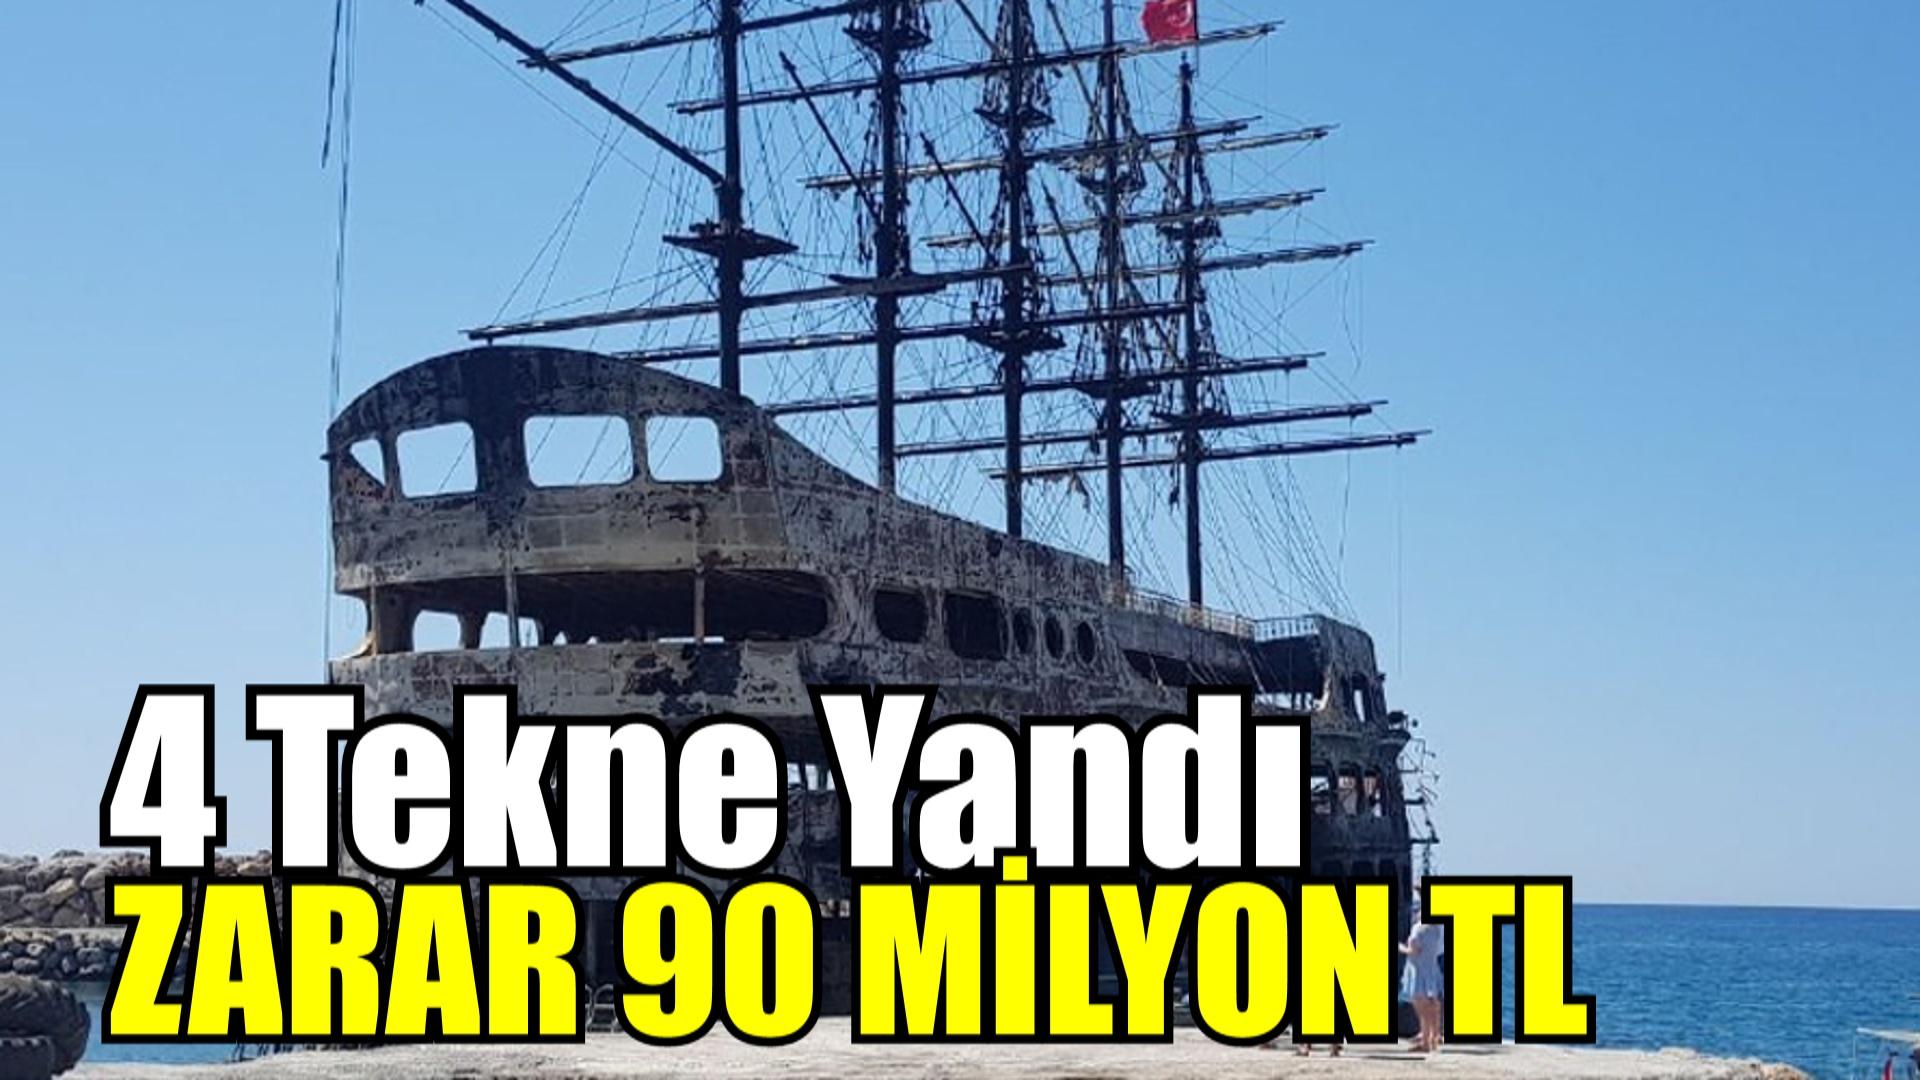 ZARAR 90 MİLYON LİRA